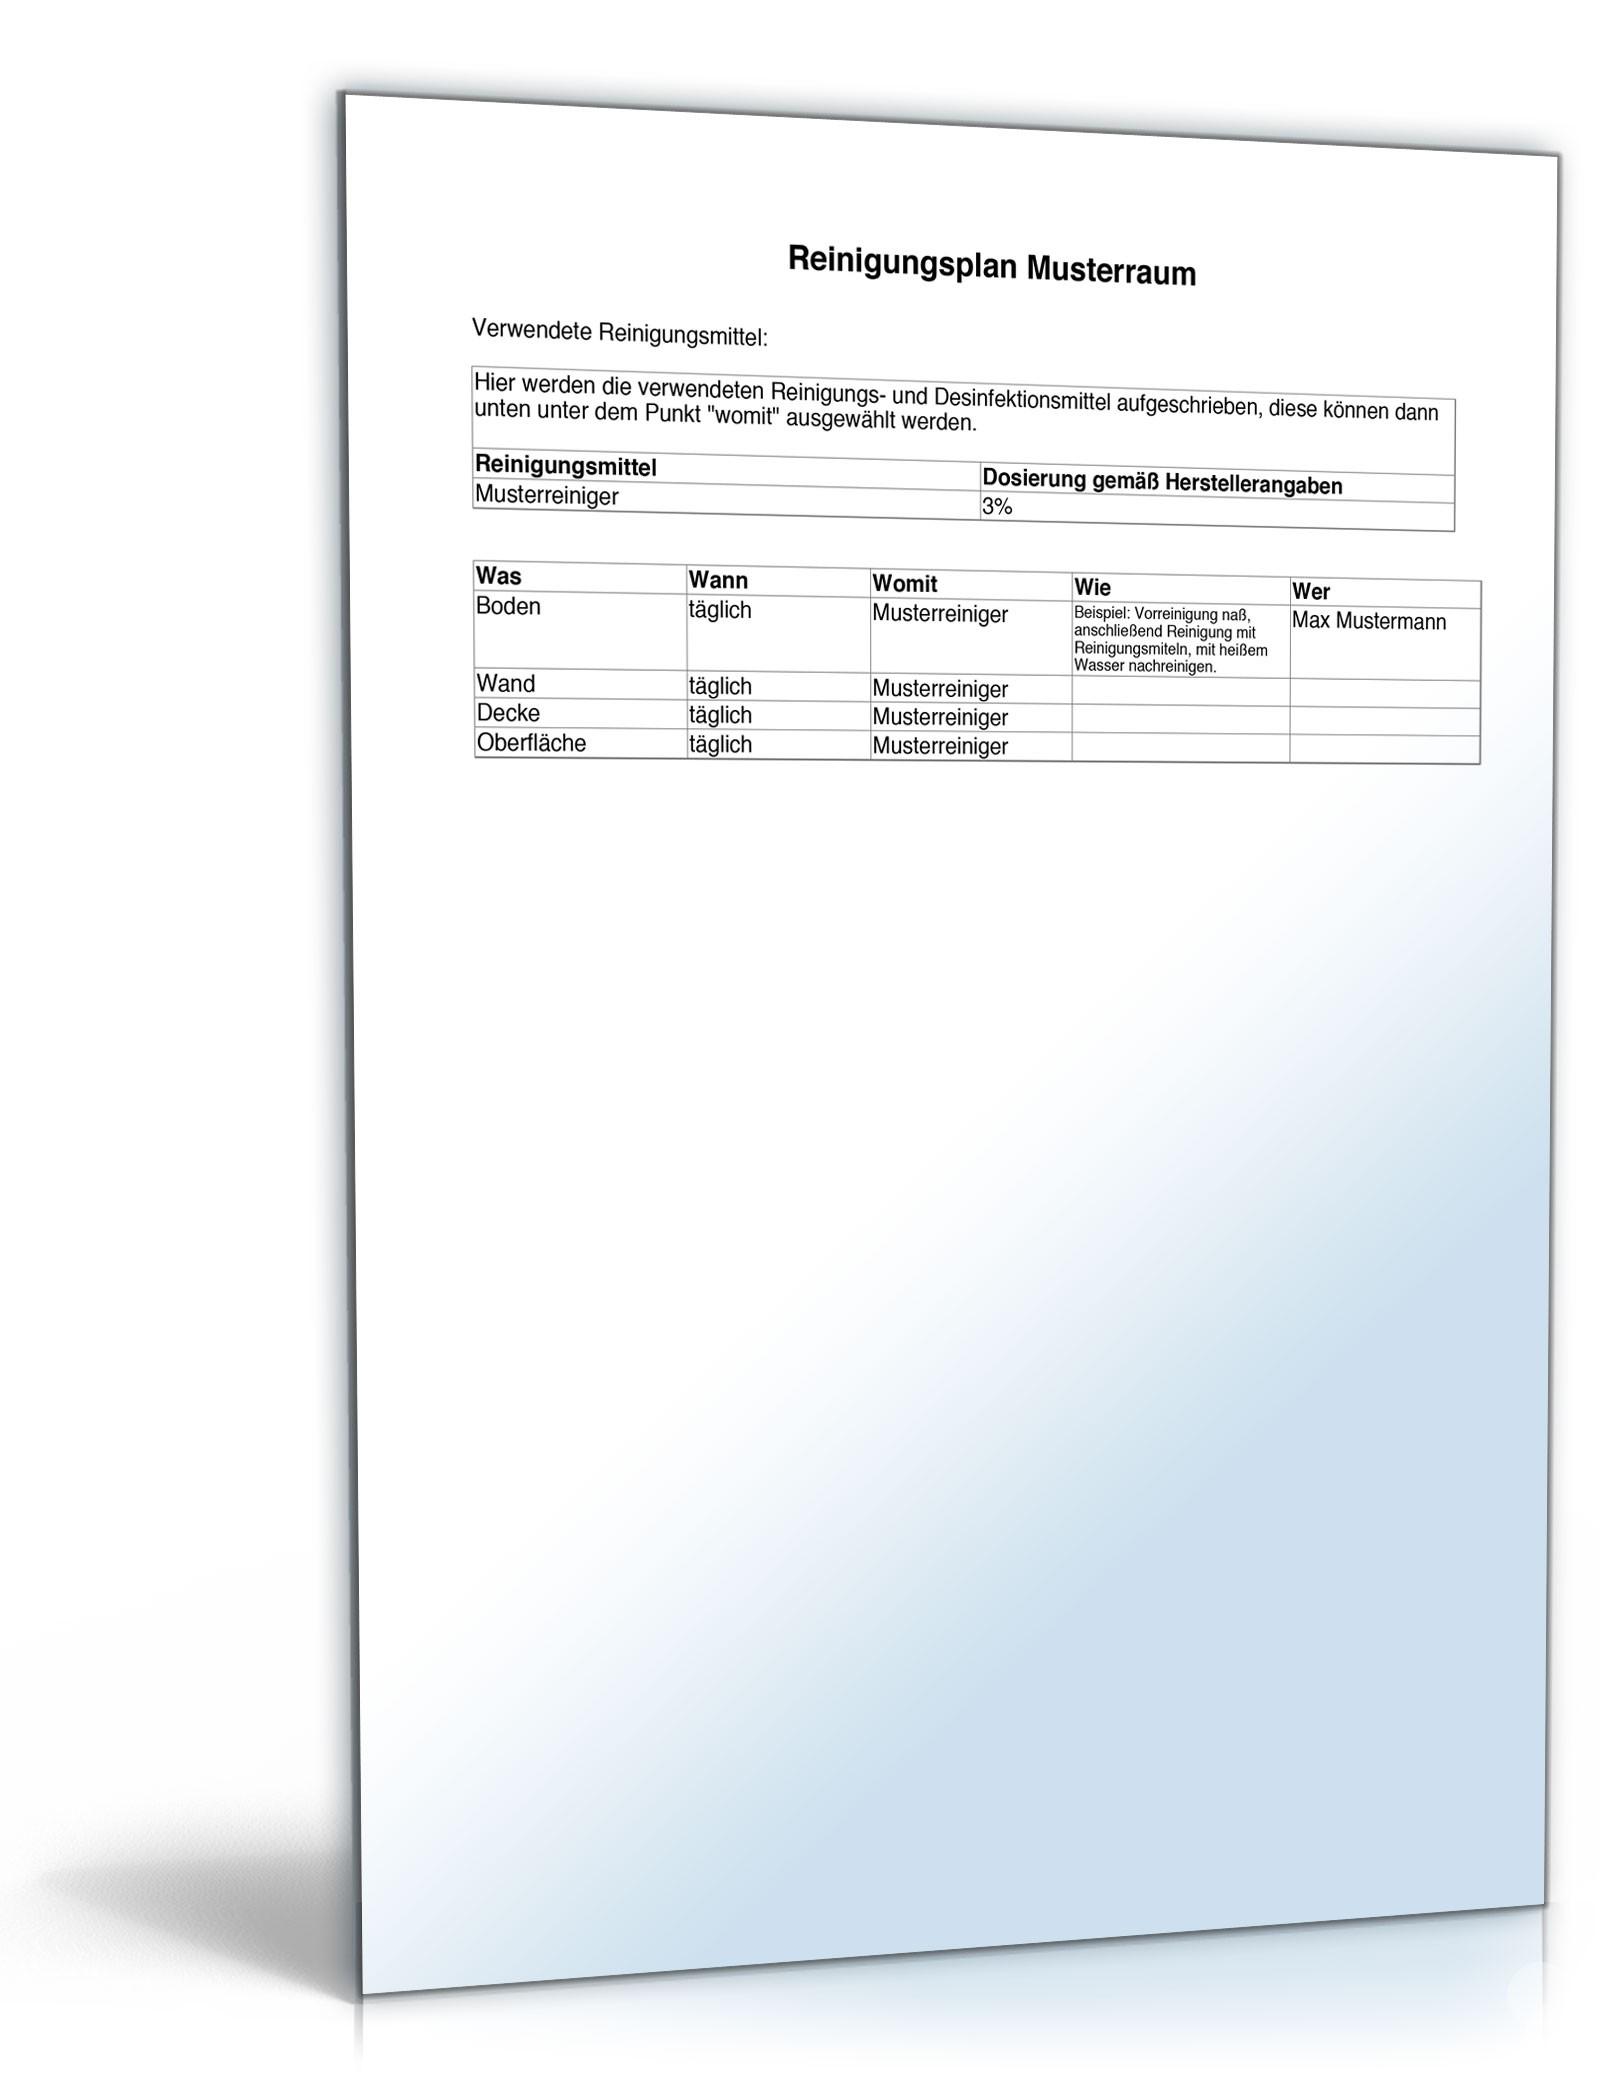 Reinigungsplan Musterraum | Vorlage zum Download